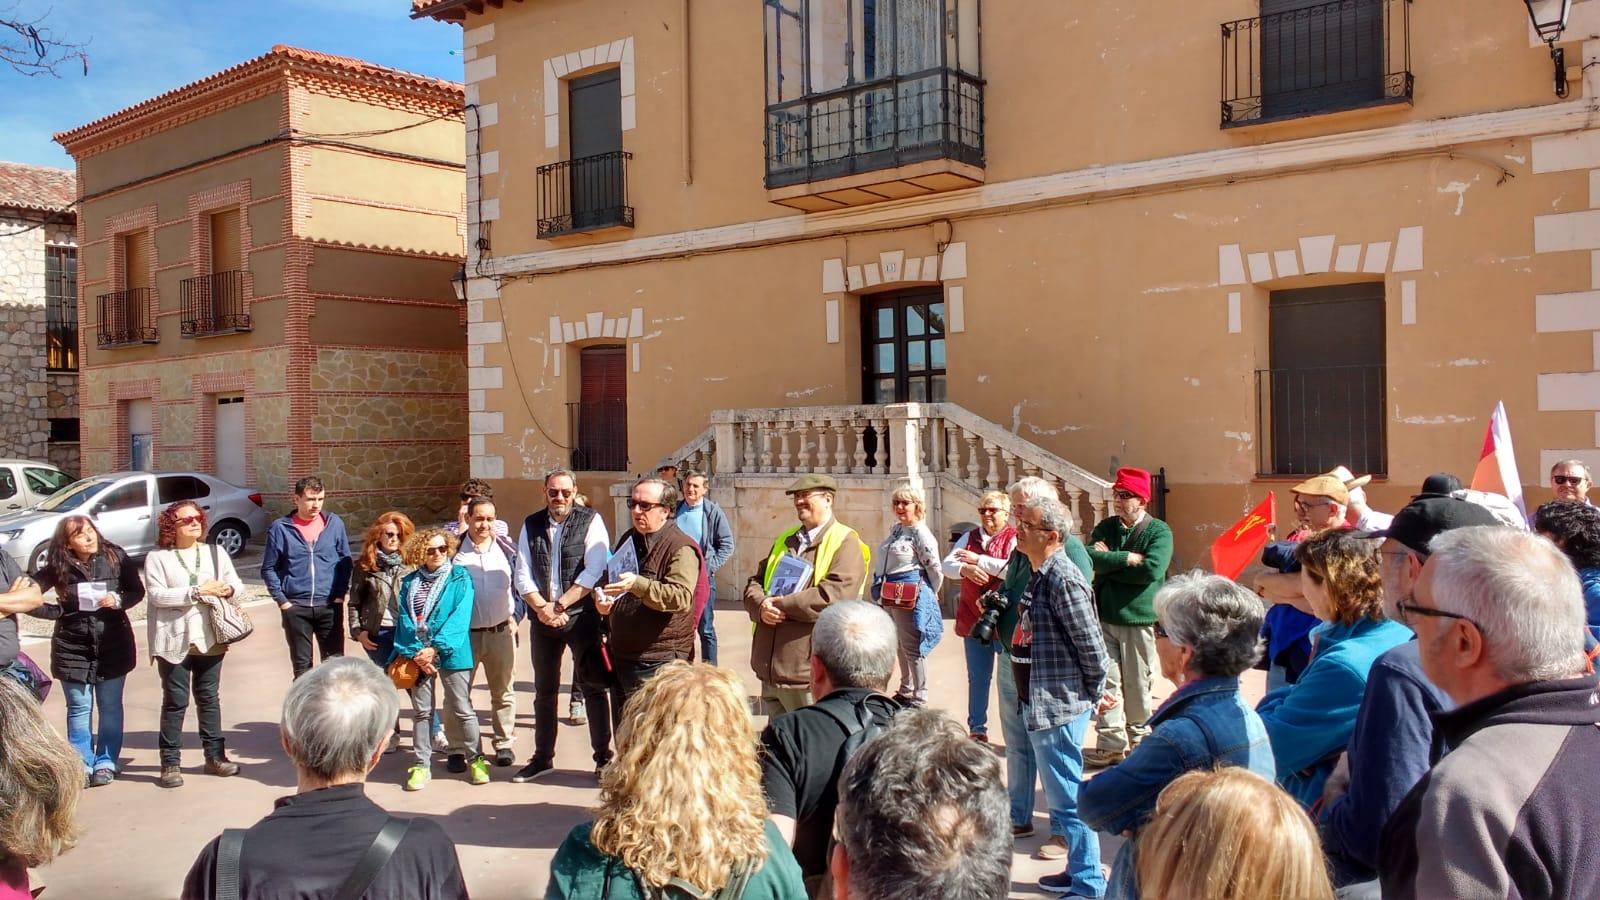 Presentación del la marcha, por Foro por la Memoria y AABI, con la presencia del Alcalde de Torija y Eusebio Robles por la JCCM. Frente al edificio de la antigua comandancia republicana, FMGU